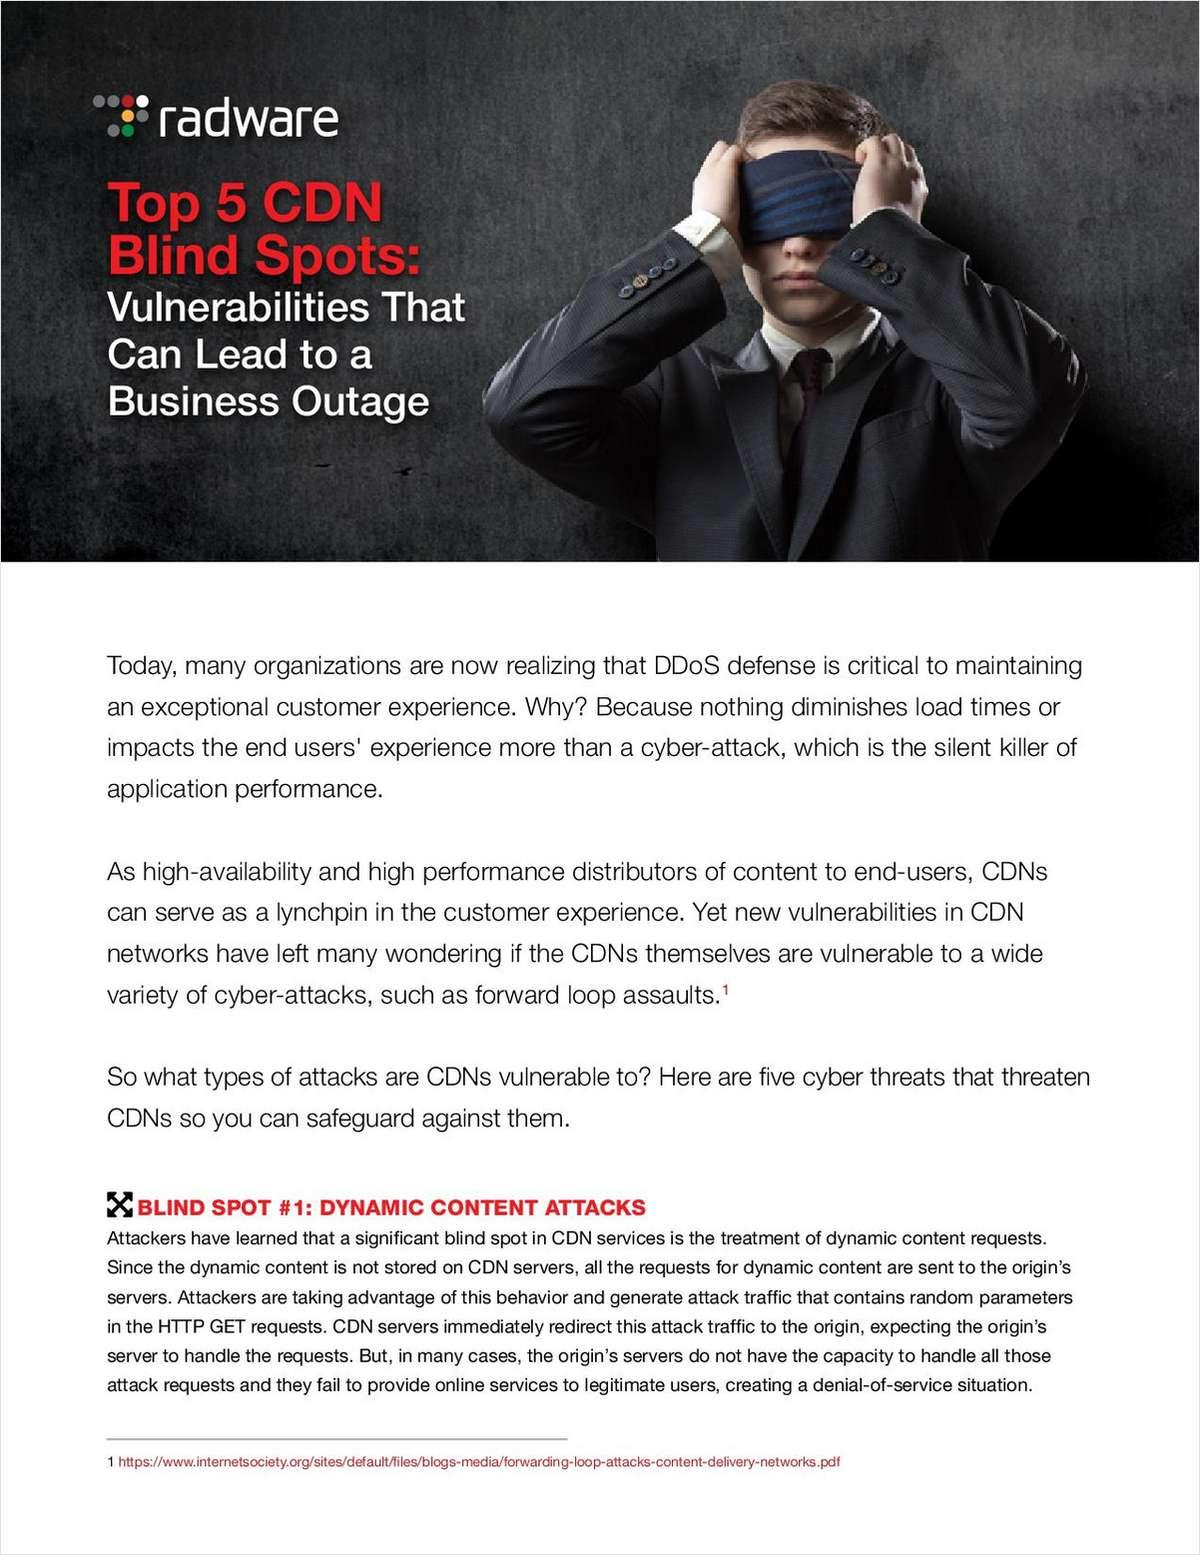 Top 5 CDN Blind Spots